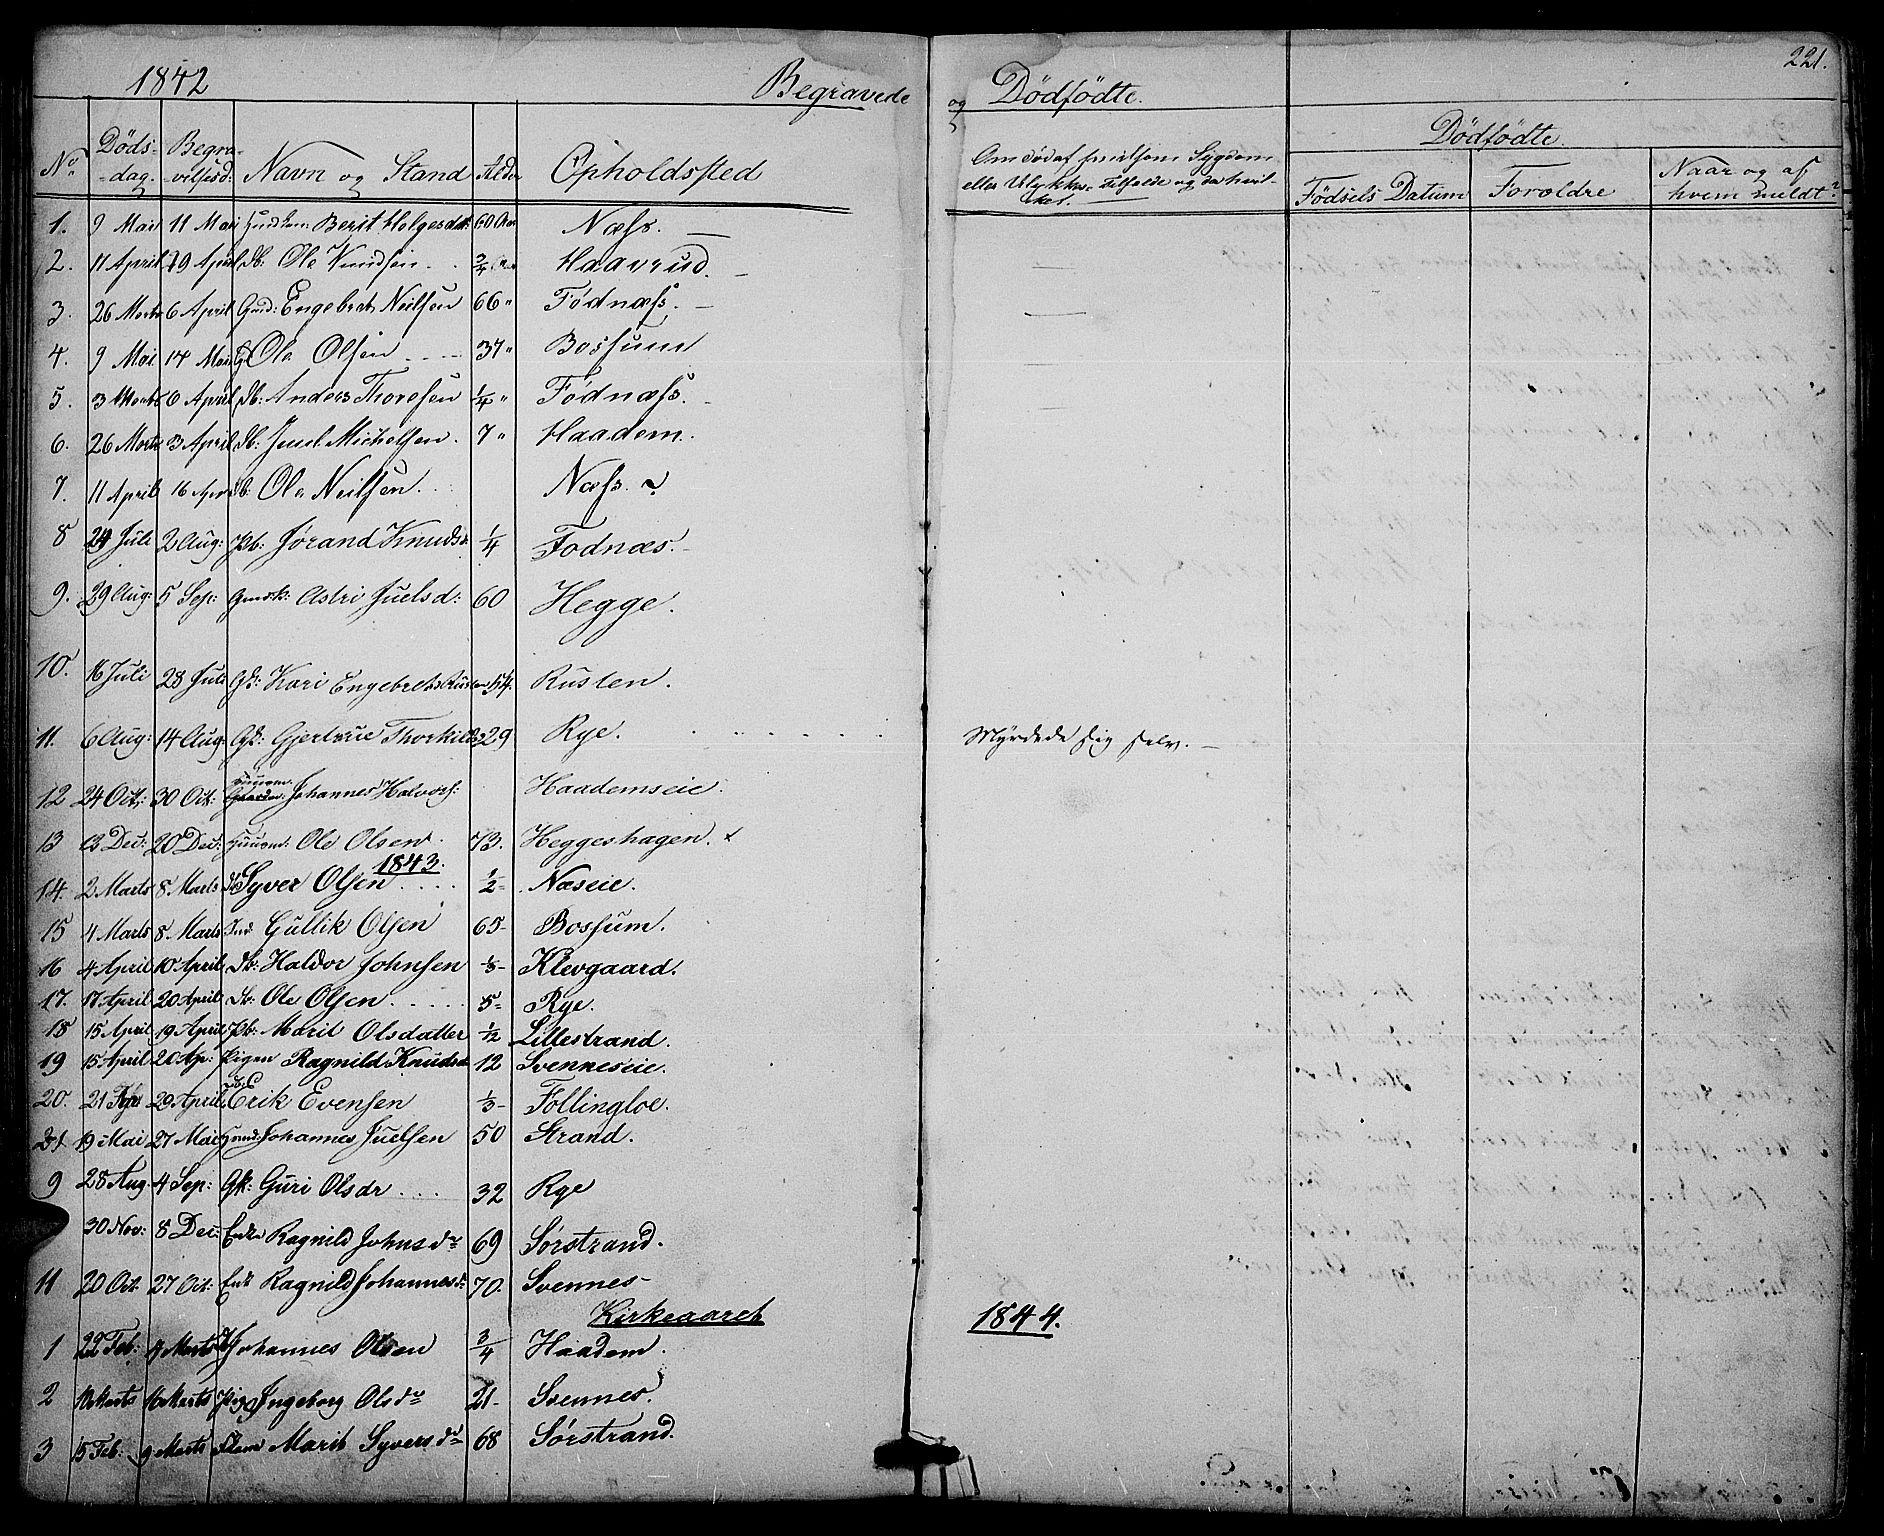 SAH, Nord-Aurdal prestekontor, Klokkerbok nr. 3, 1842-1882, s. 221